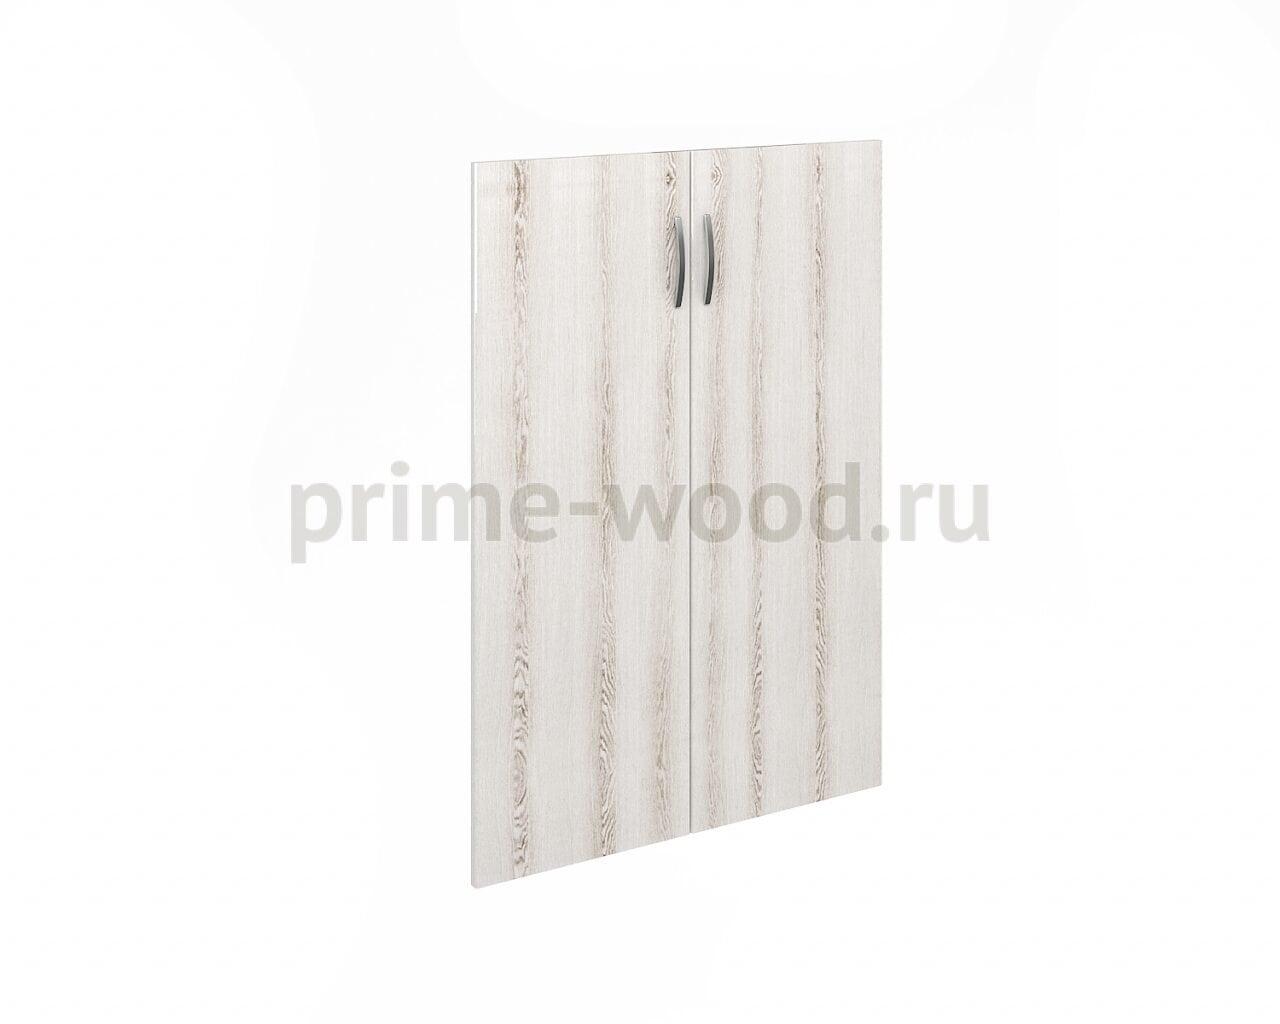 Дверь МДФ  КОНСУЛ II 40x2x114 - фото 1